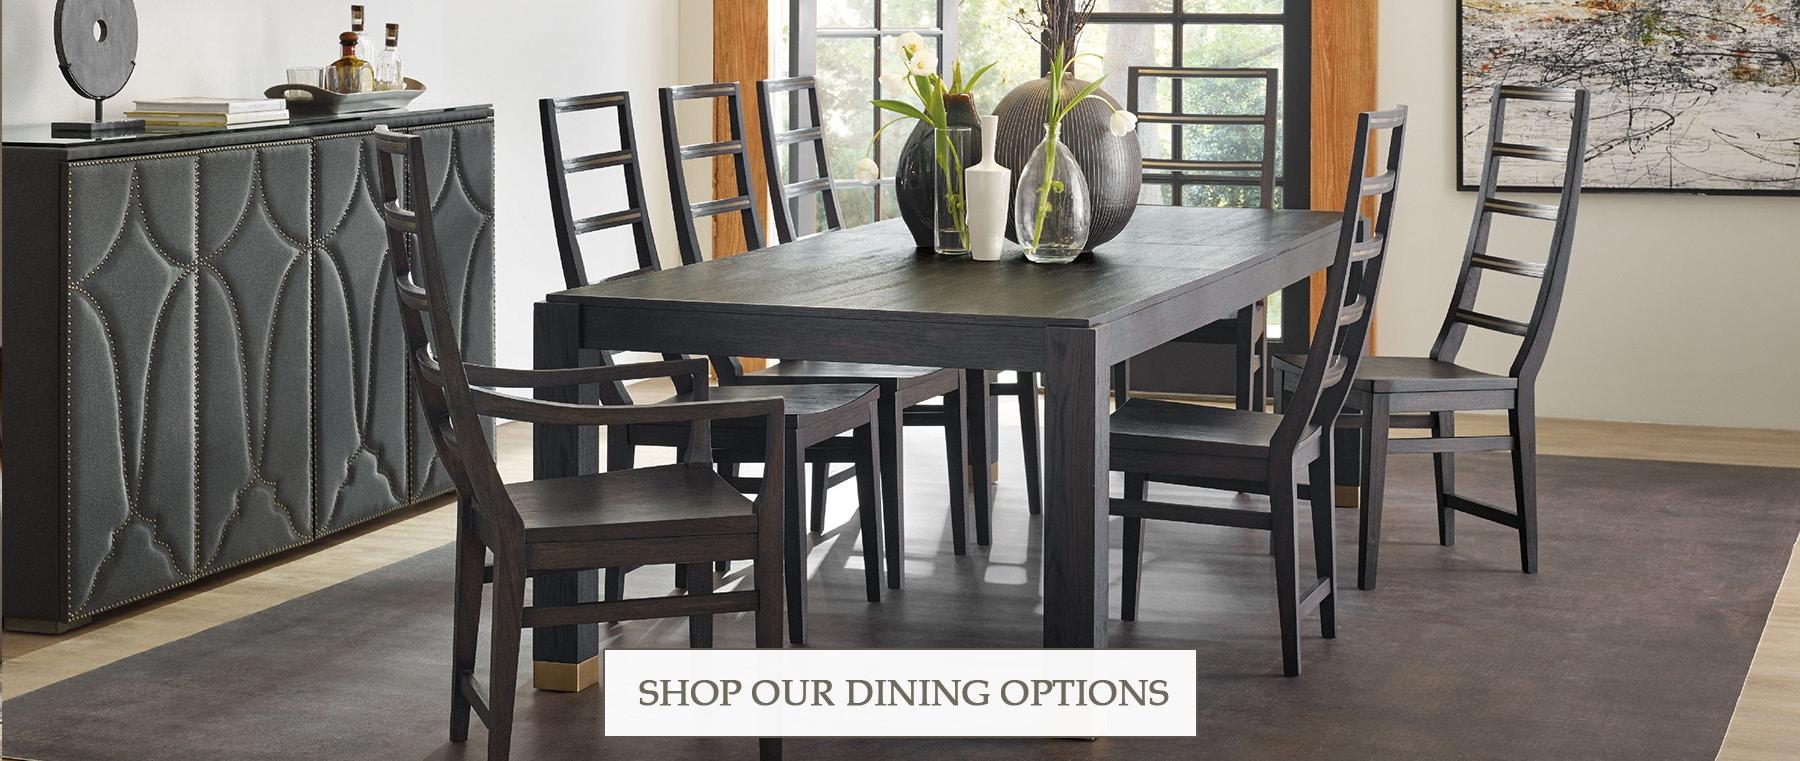 Miraculous Furniture Store Cookeville Tn Wholesale Furniture Inzonedesignstudio Interior Chair Design Inzonedesignstudiocom